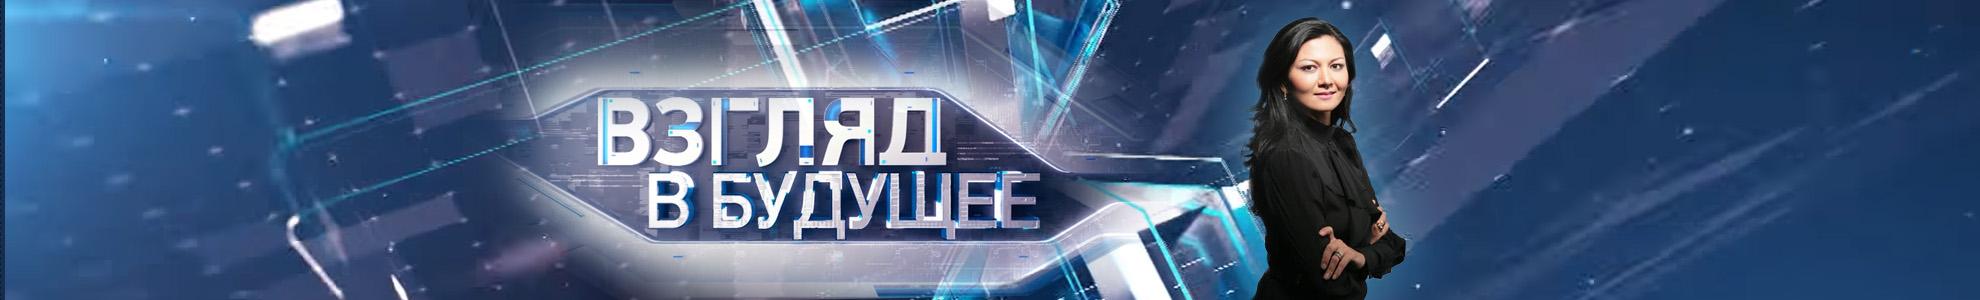 vzglyad-banner